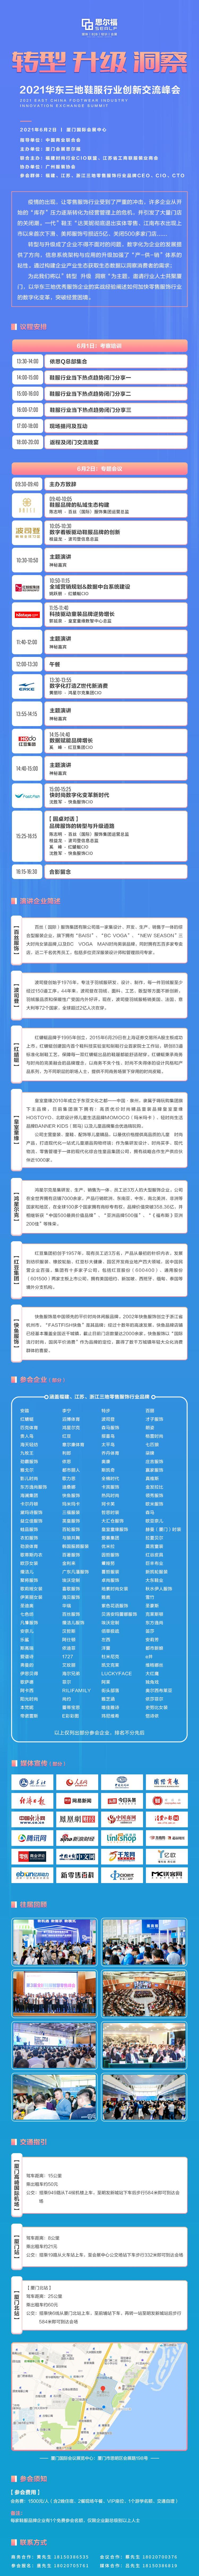 鞋服论坛宣传长图2021.04.21.jpg